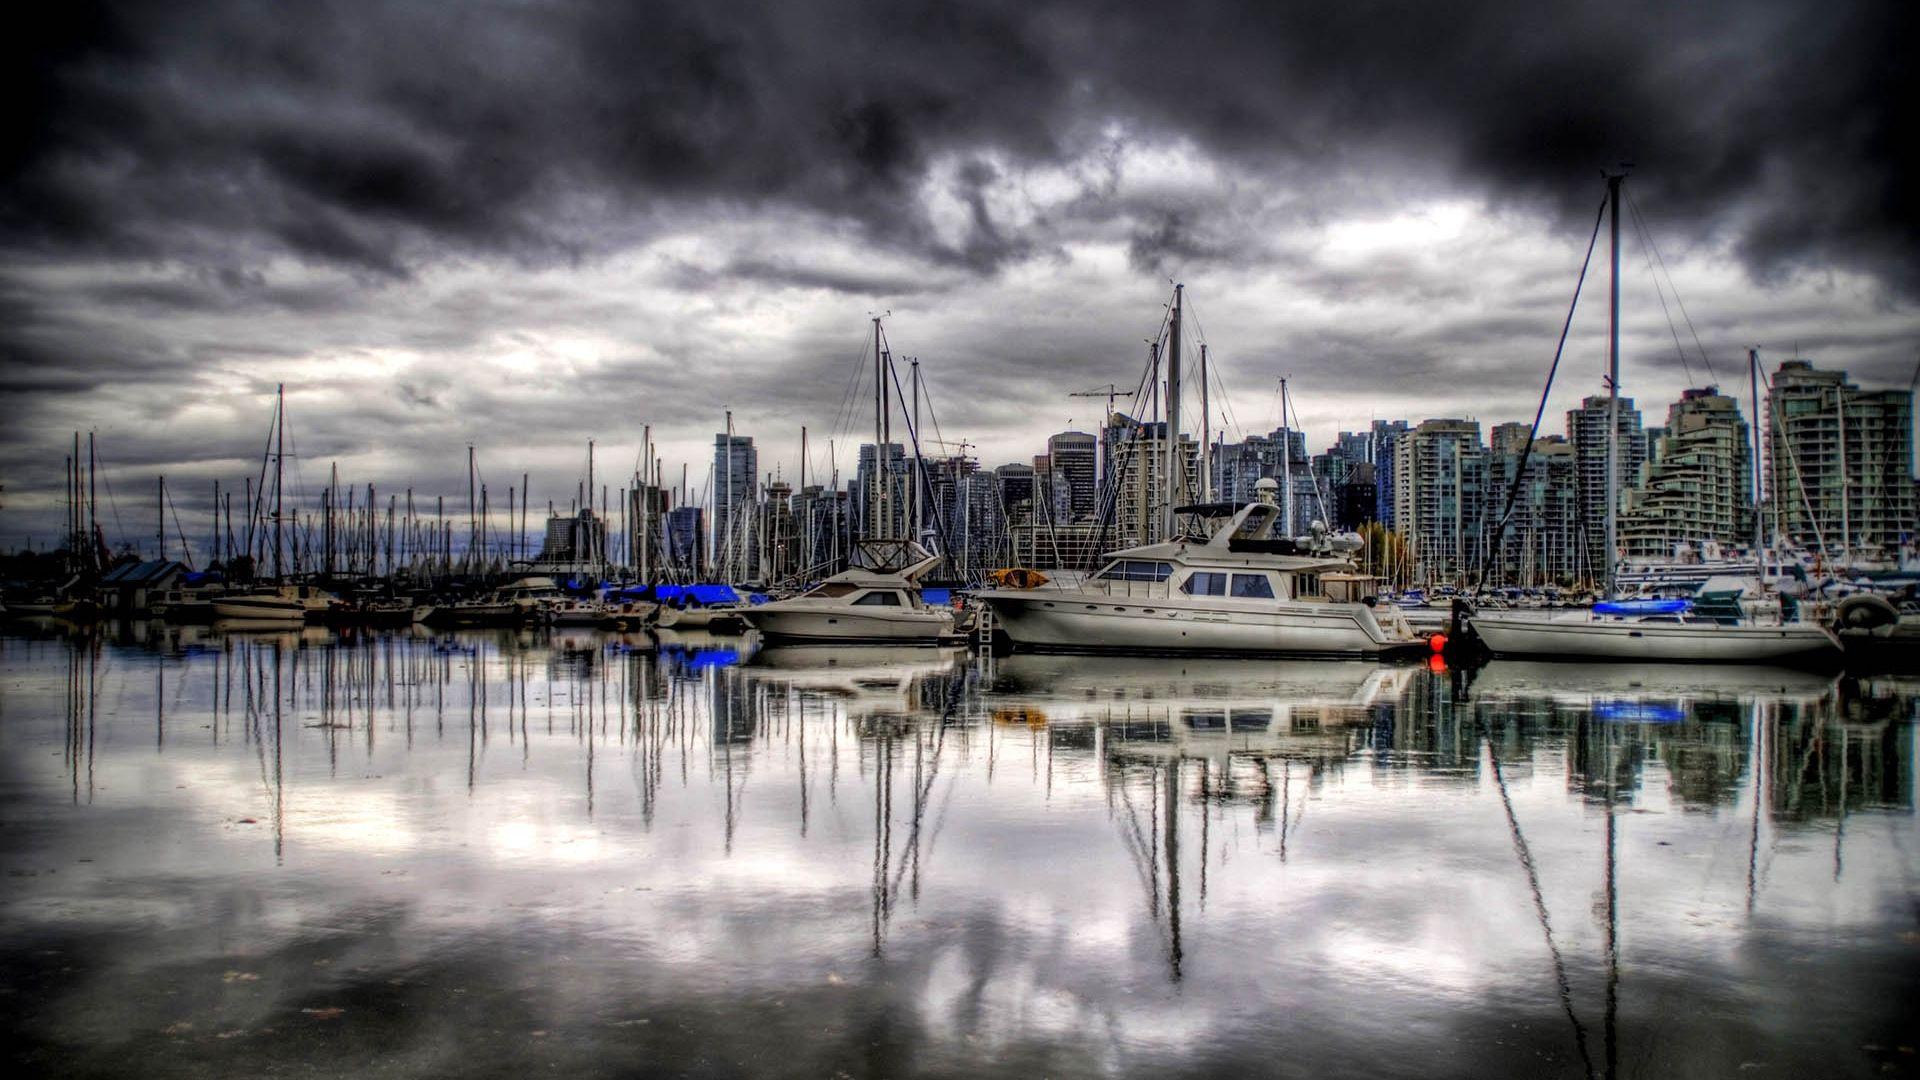 103798 Заставки и Обои Яхты на телефон. Скачать Пирс, Лодки, Море, Здания, Города, Яхты картинки бесплатно